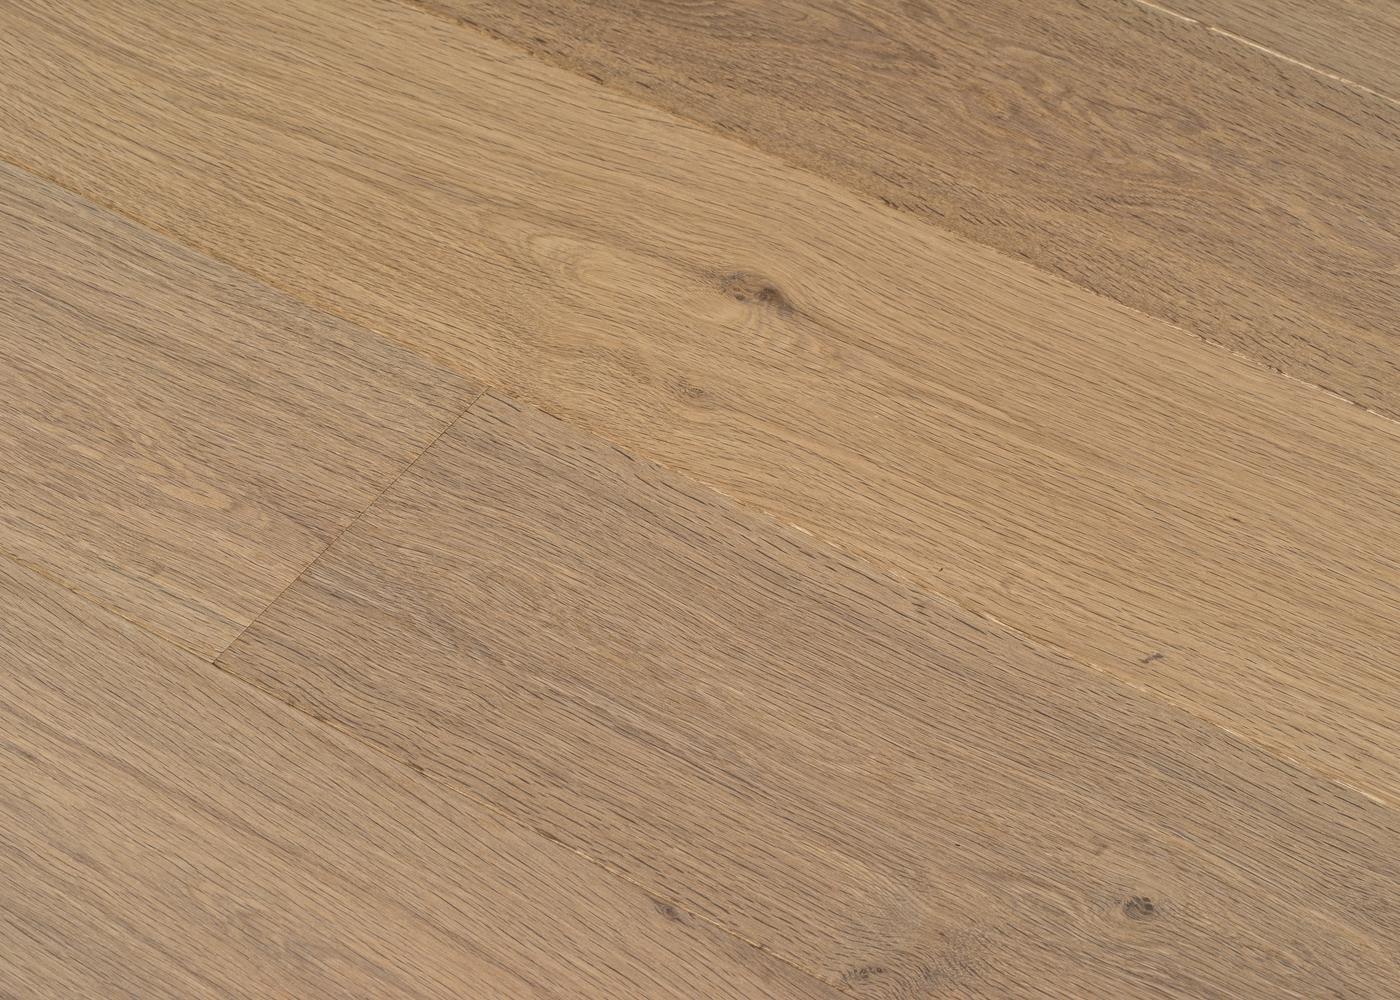 Parquet chêne contrecollé BRUME Mélange 50% PRBis, 50% Matière 12x160x1000-2000